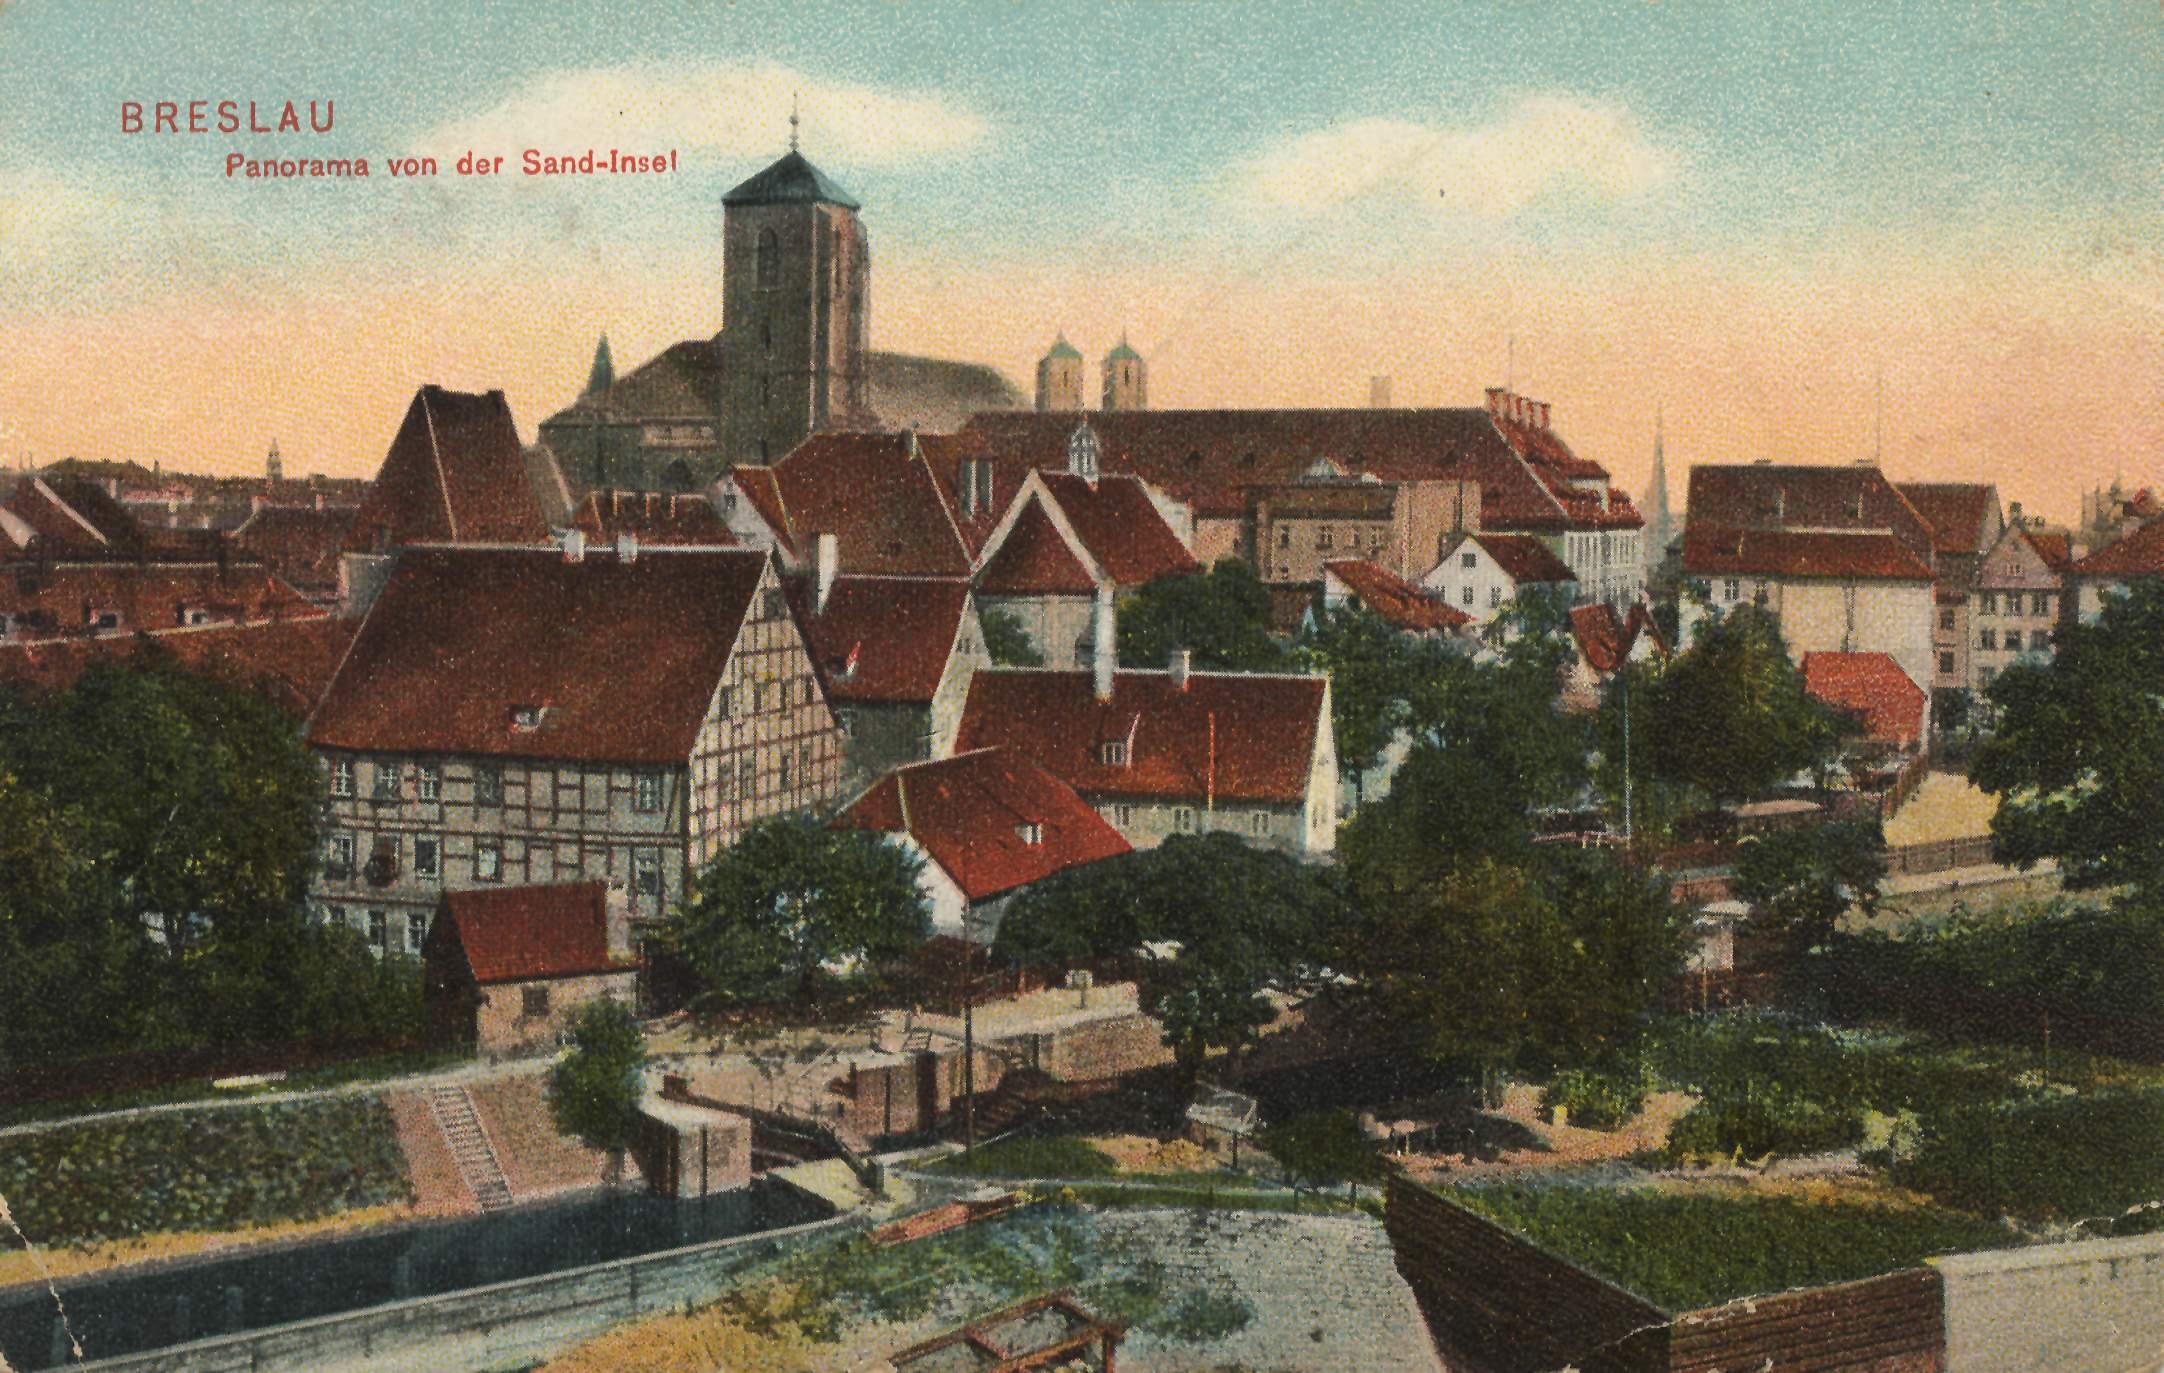 https://upload.wikimedia.org/wikipedia/commons/6/6f/Breslau%2C_Schlesien_-_Stadtansicht_von_der_Sandinsel_%28Zeno_Ansichtskarten%29.jpg